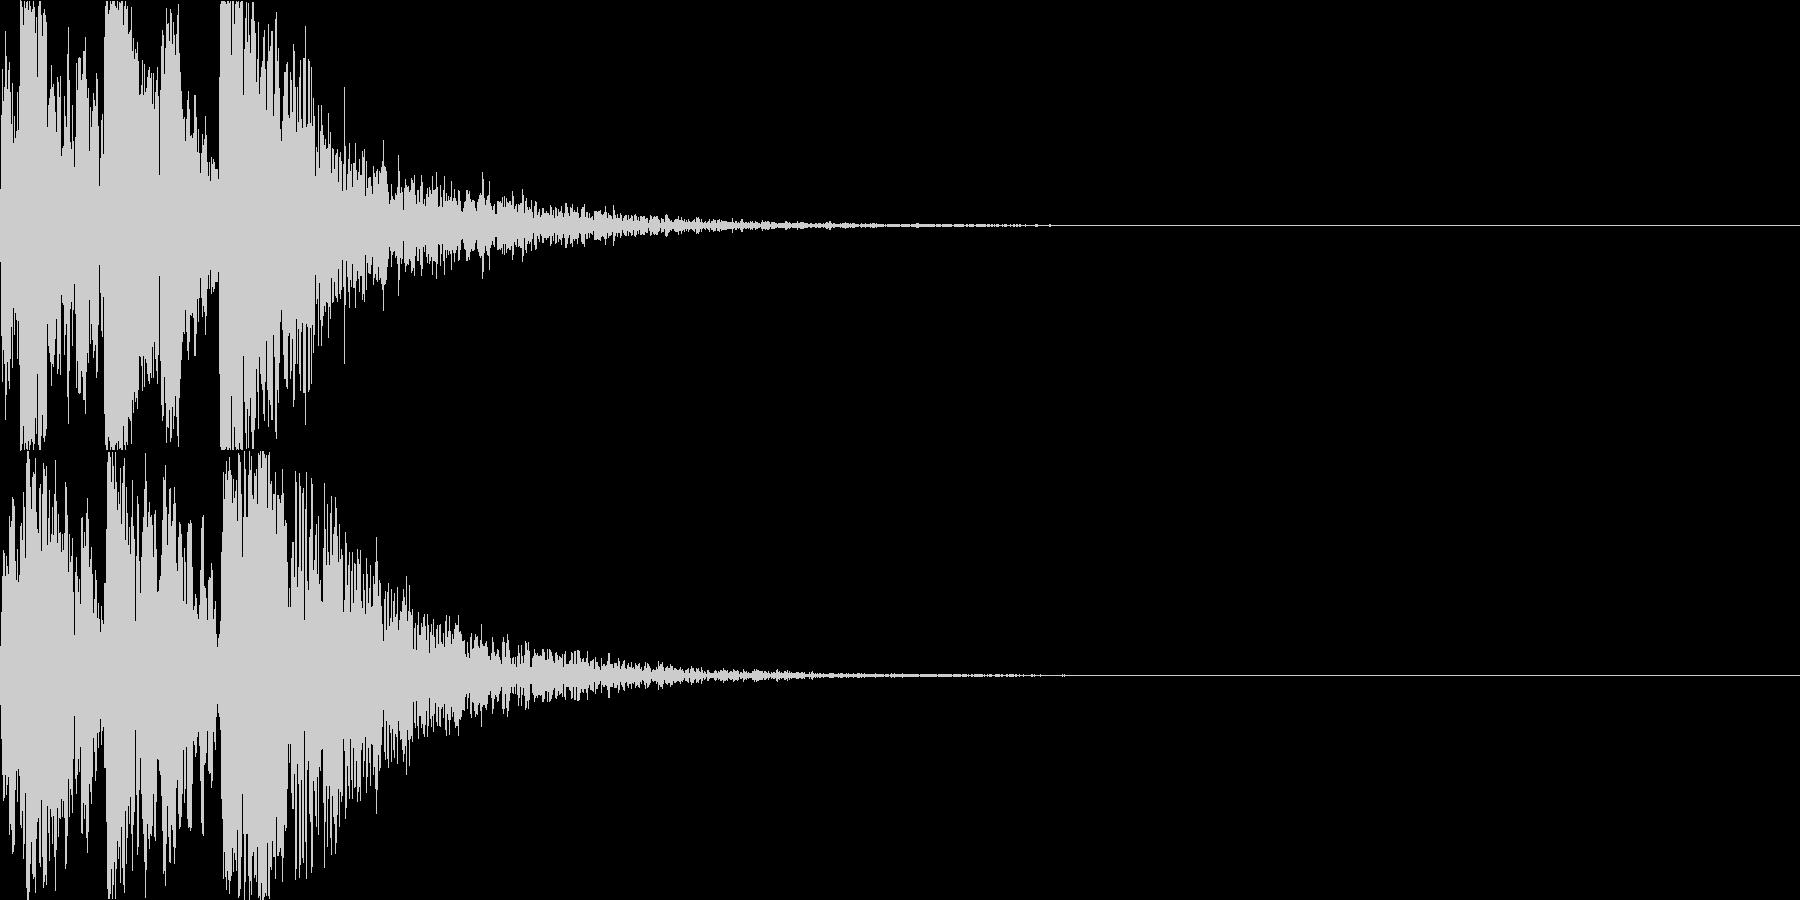 鼓(つづみ)太鼓のフレーズ ジングル3bの未再生の波形